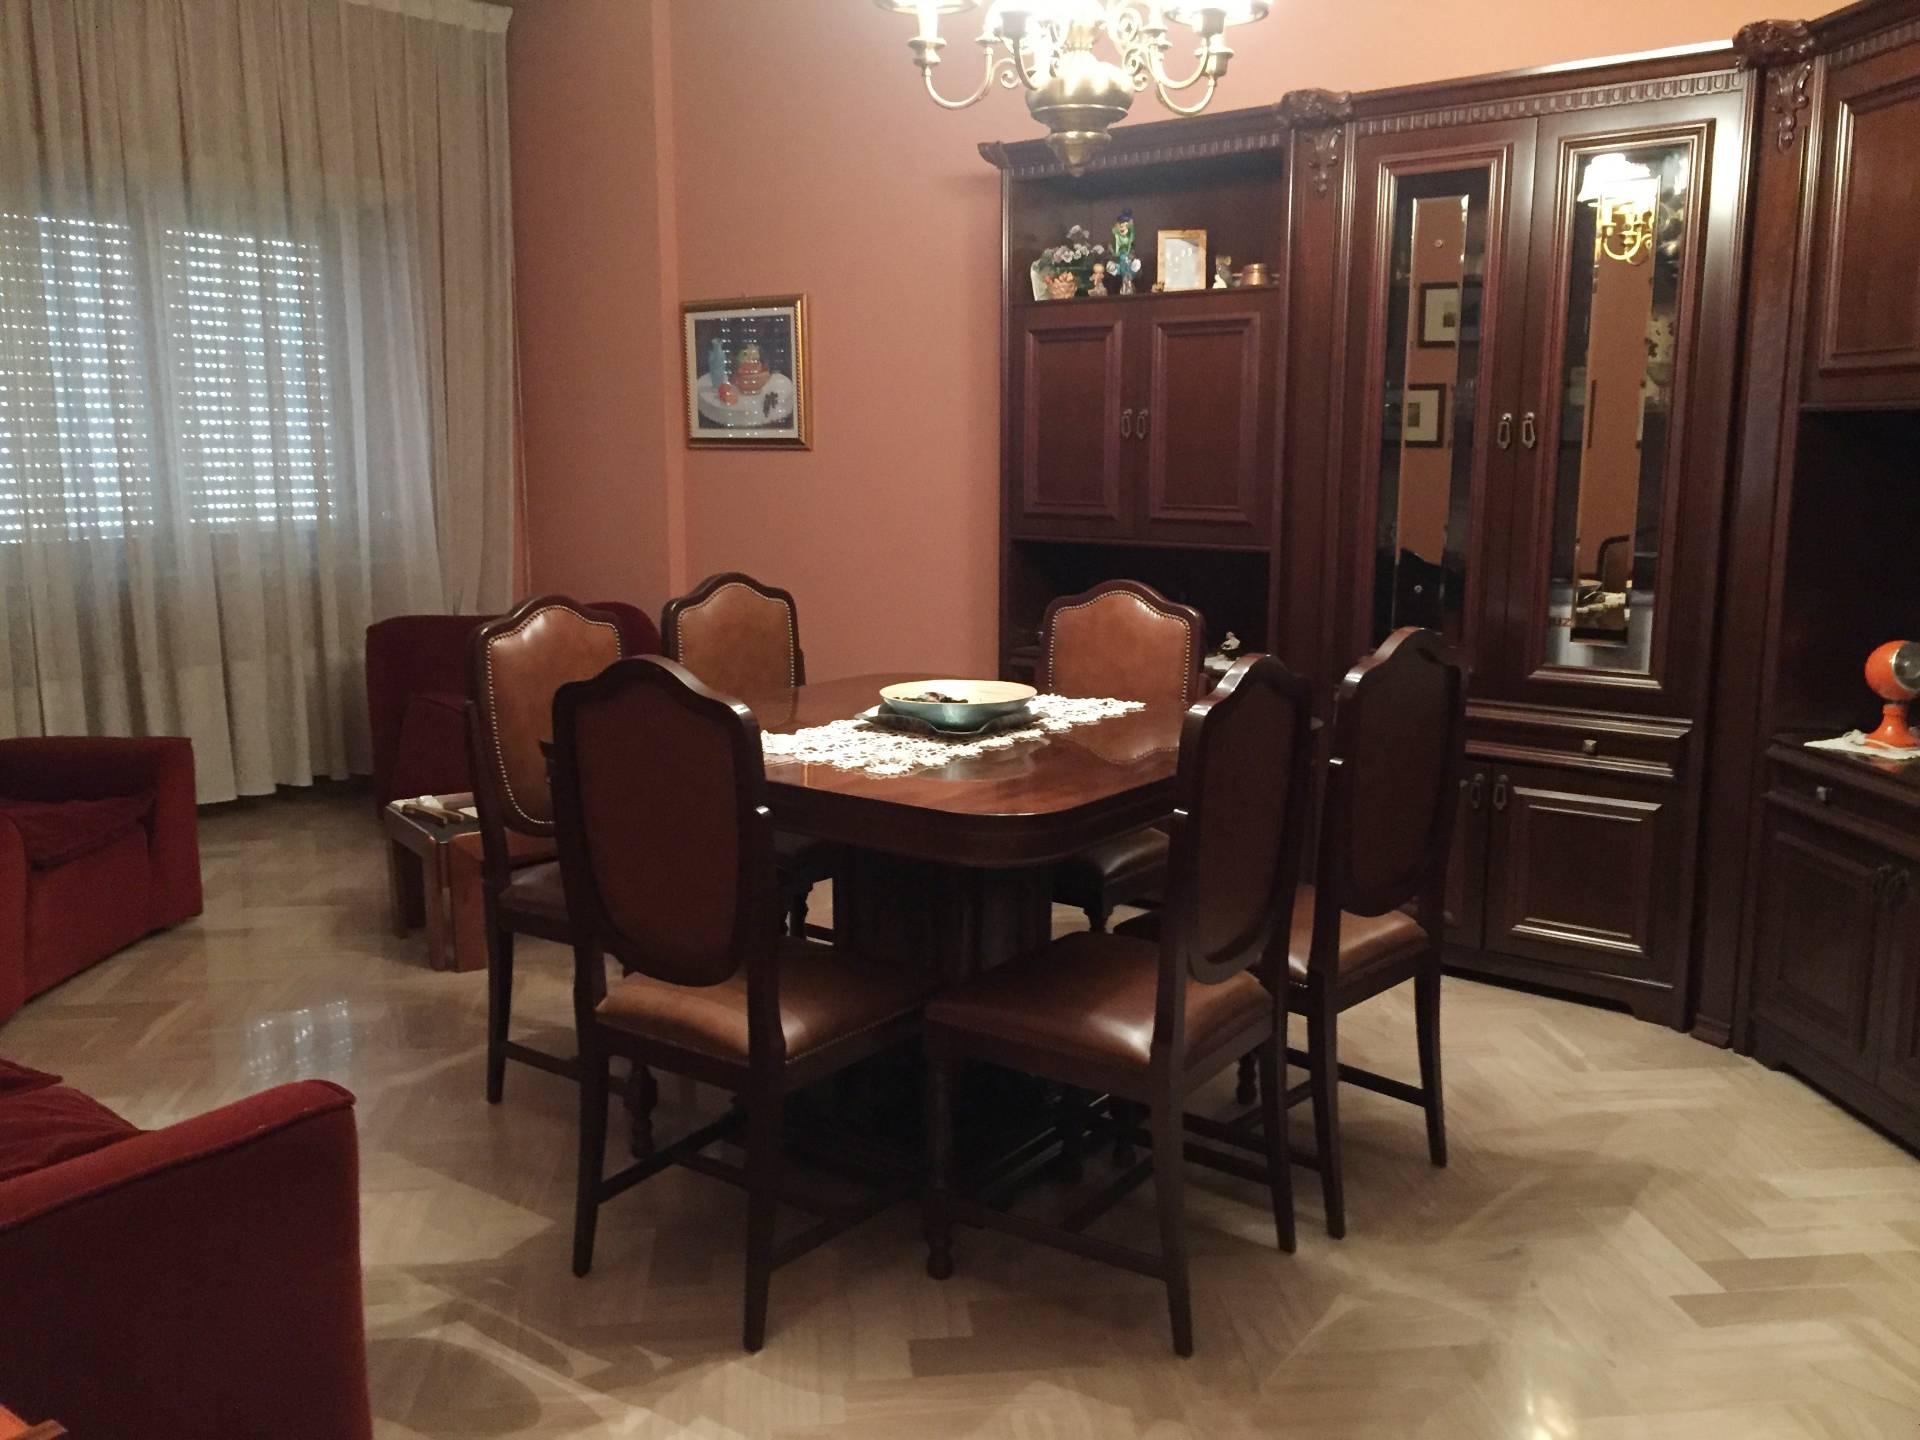 Appartamento in vendita a Ascoli Piceno, 7 locali, zona Località: CampoParignano, prezzo € 199.000 | CambioCasa.it